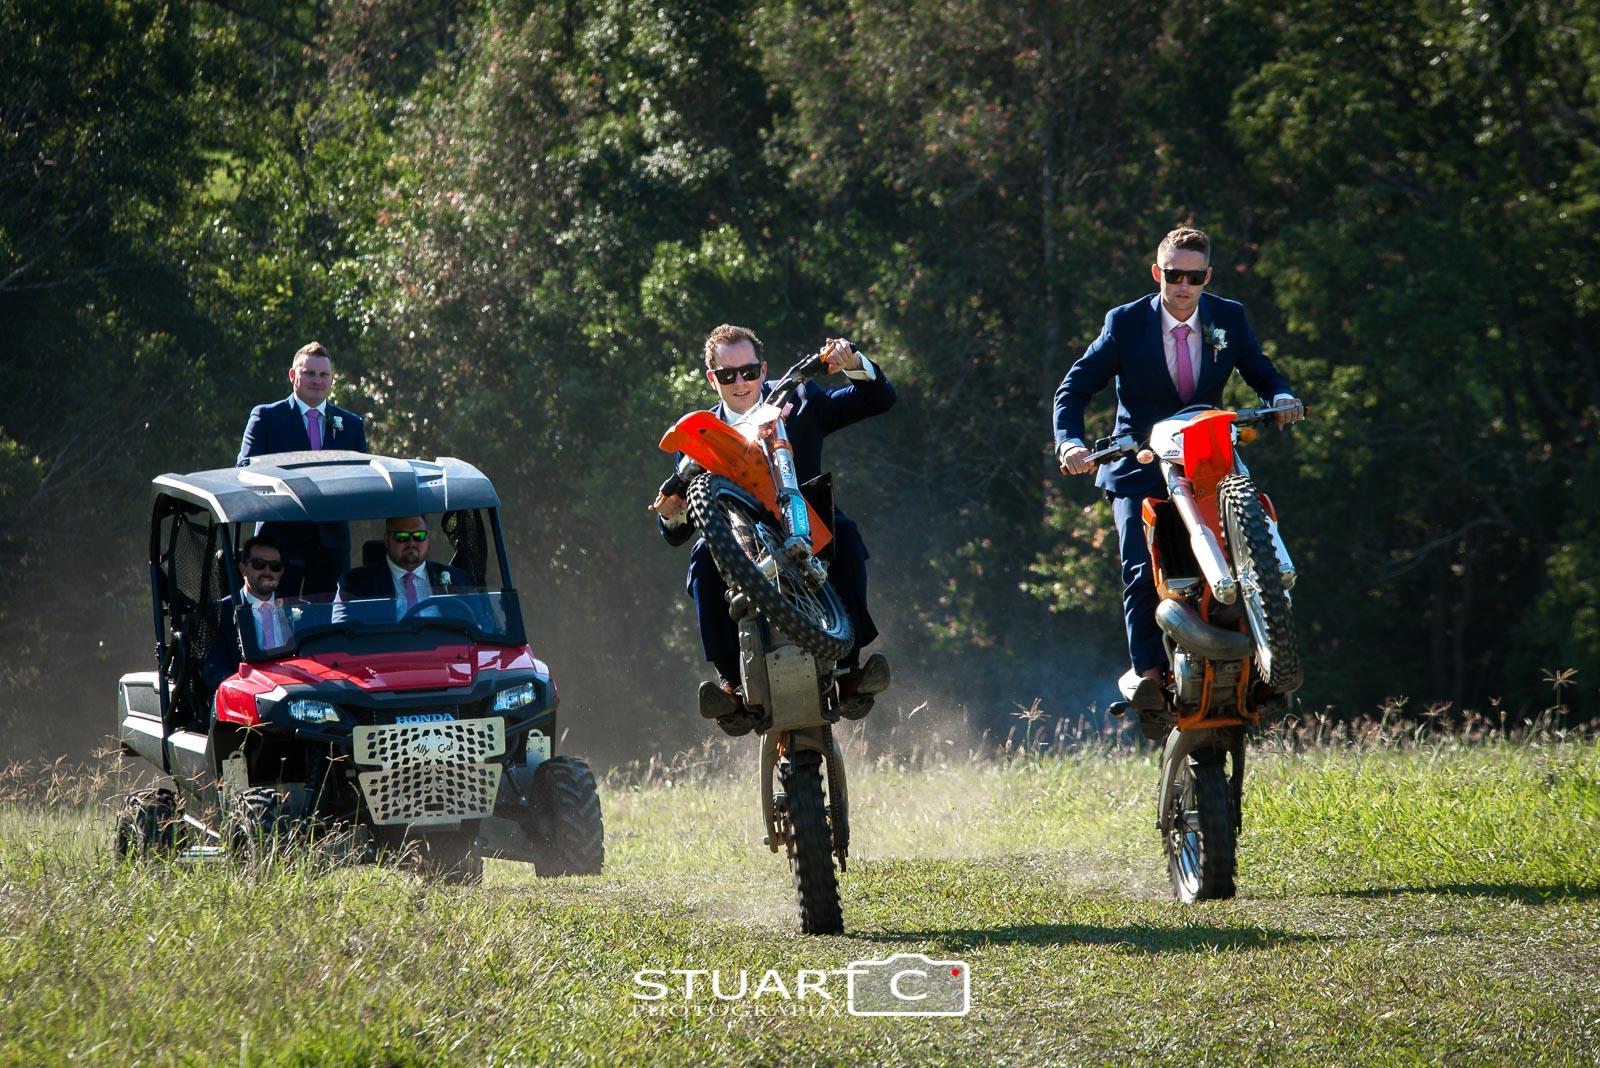 Groom and Groomsmen on motorbikes pulling wheely